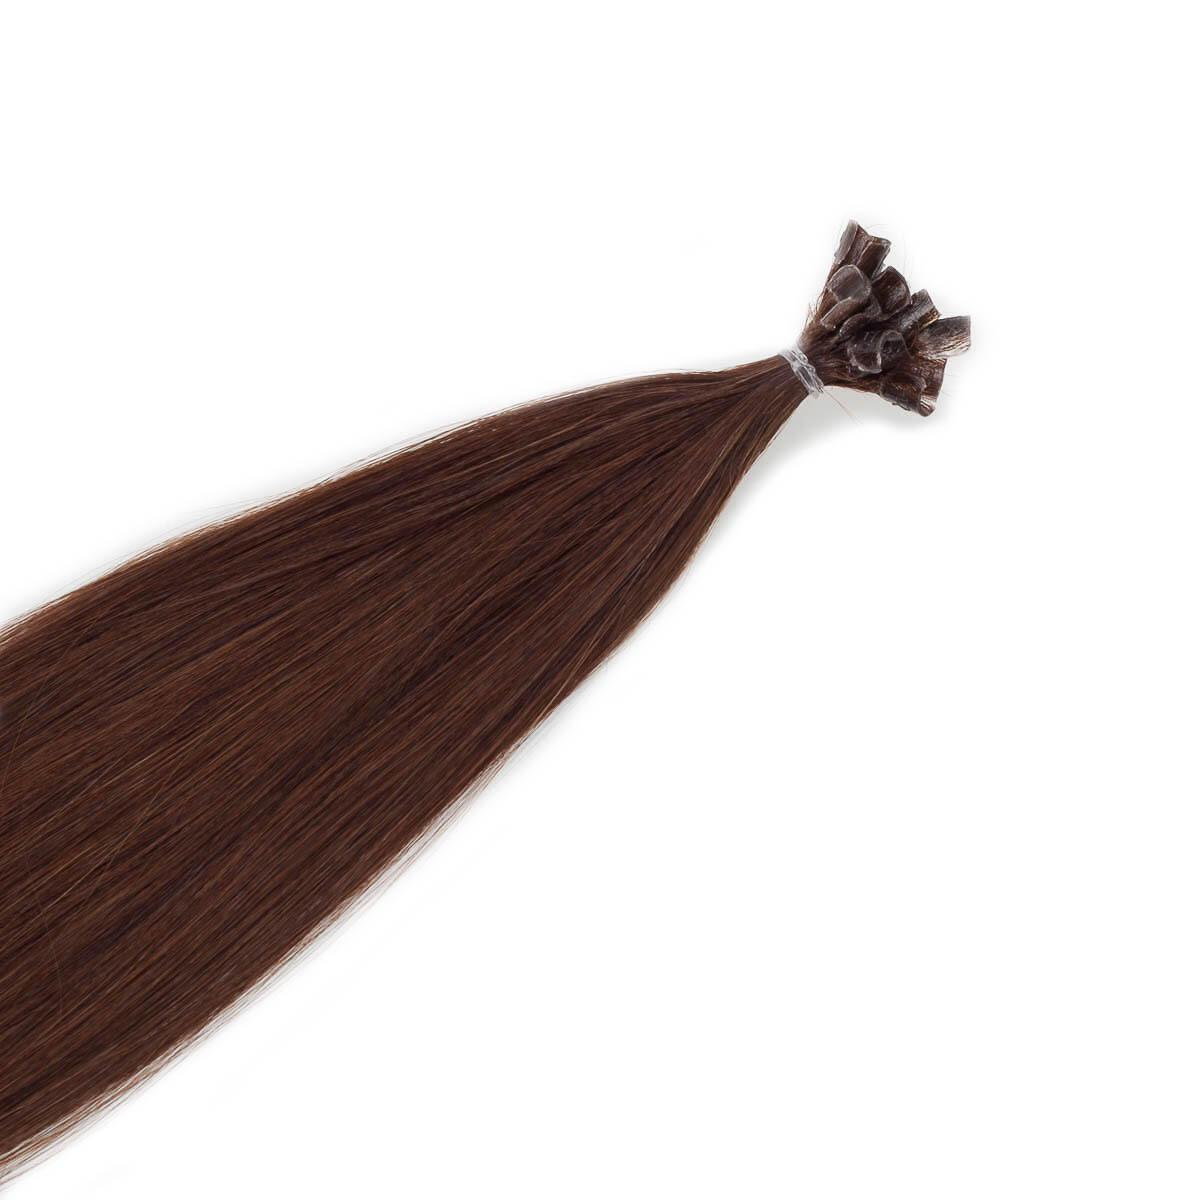 Bondings Original Glatt 2.0 Dark Brown 70 cm